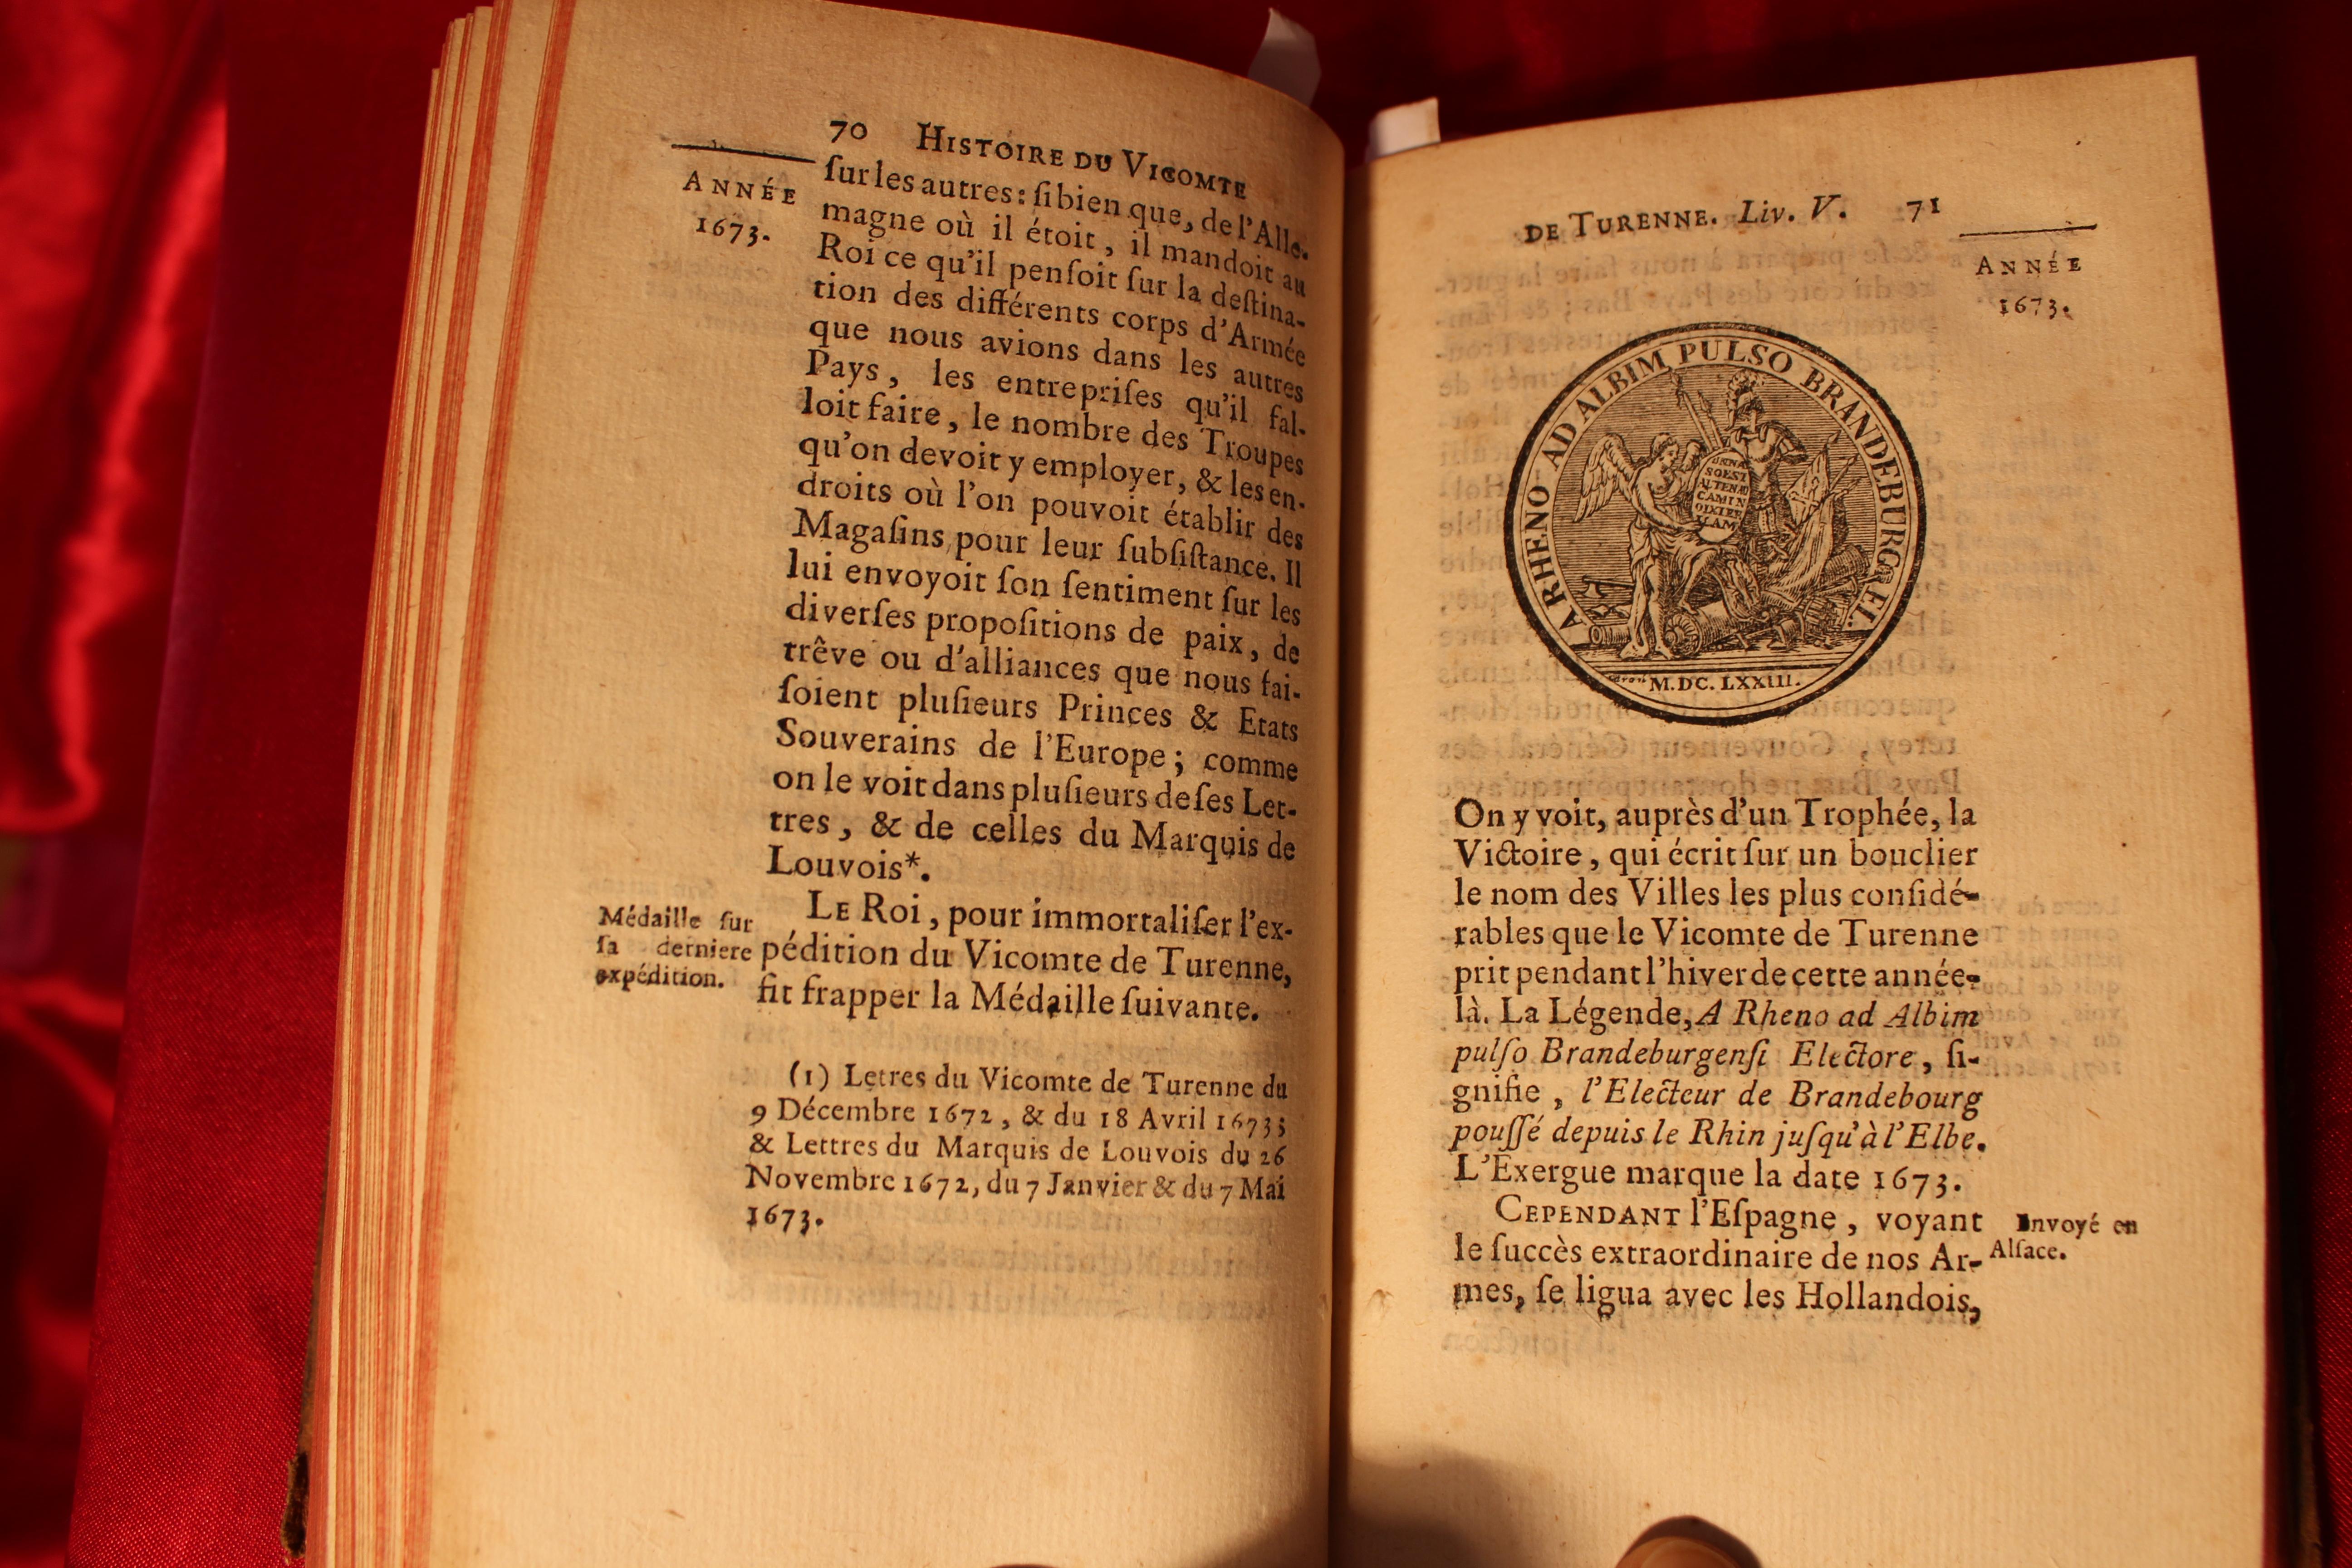 LA18 HISTOIRE DU VICOMTE DE TURENNE COMPLET TOME 1 et 2 RAGUENET  - IMG_0959